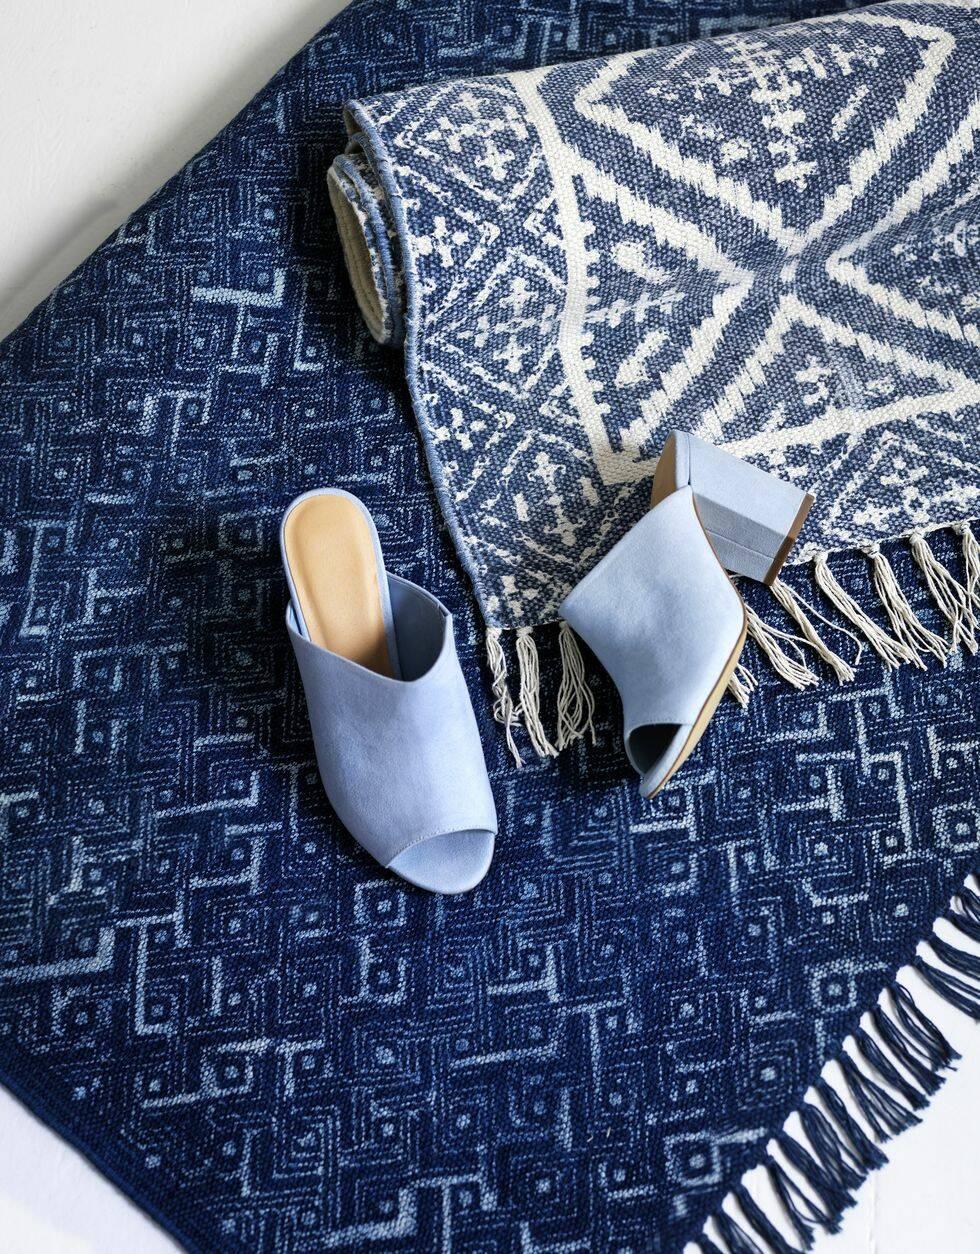 Förvandla ditt hem med textilier – 3 olika stilar